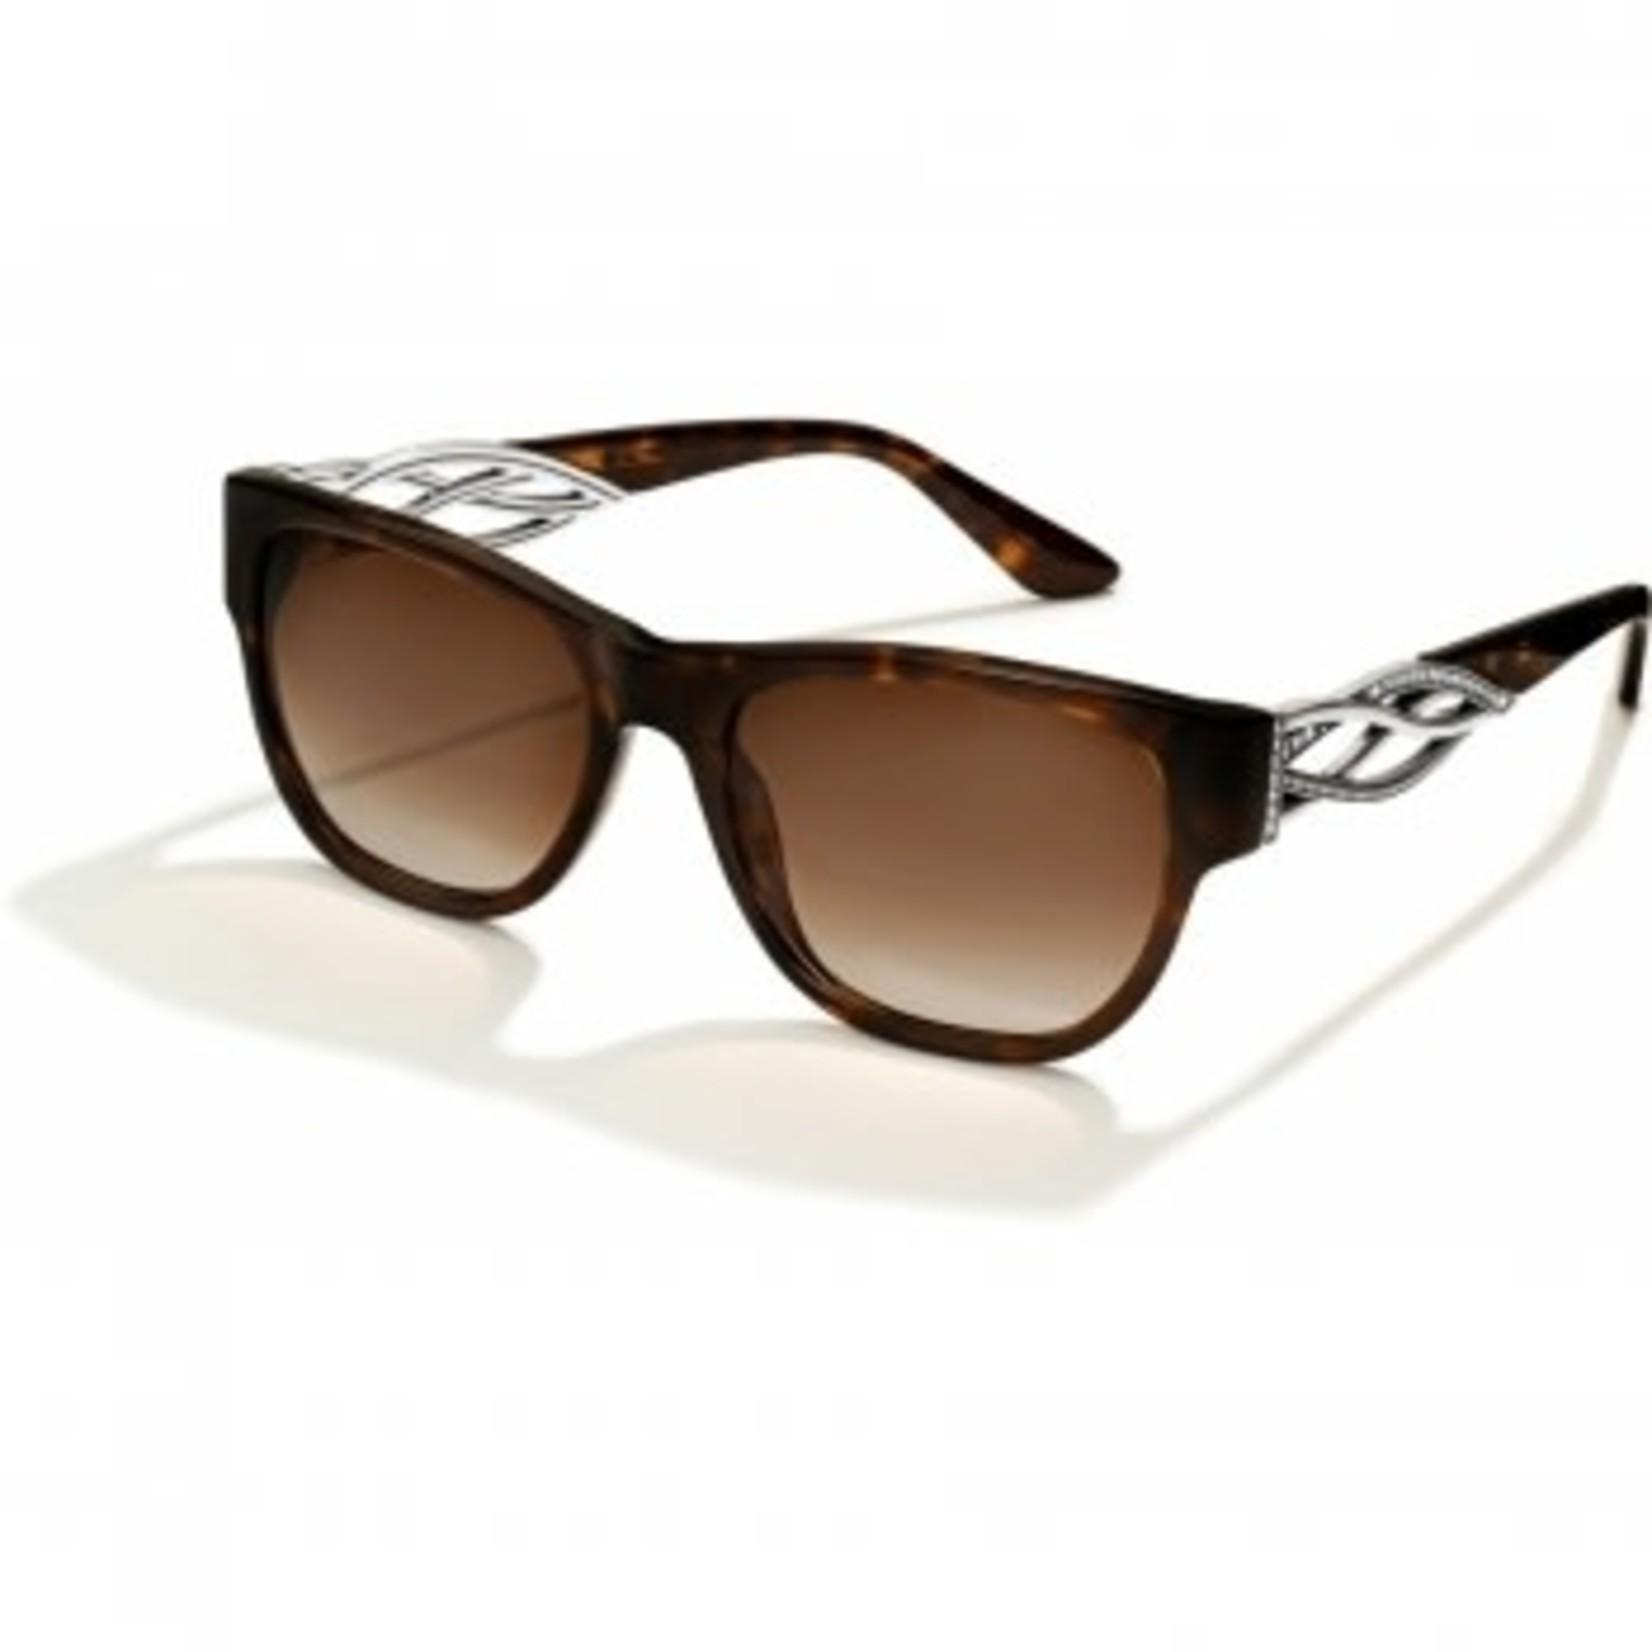 Brighton Neptune's Rings Swirl Sunglasses